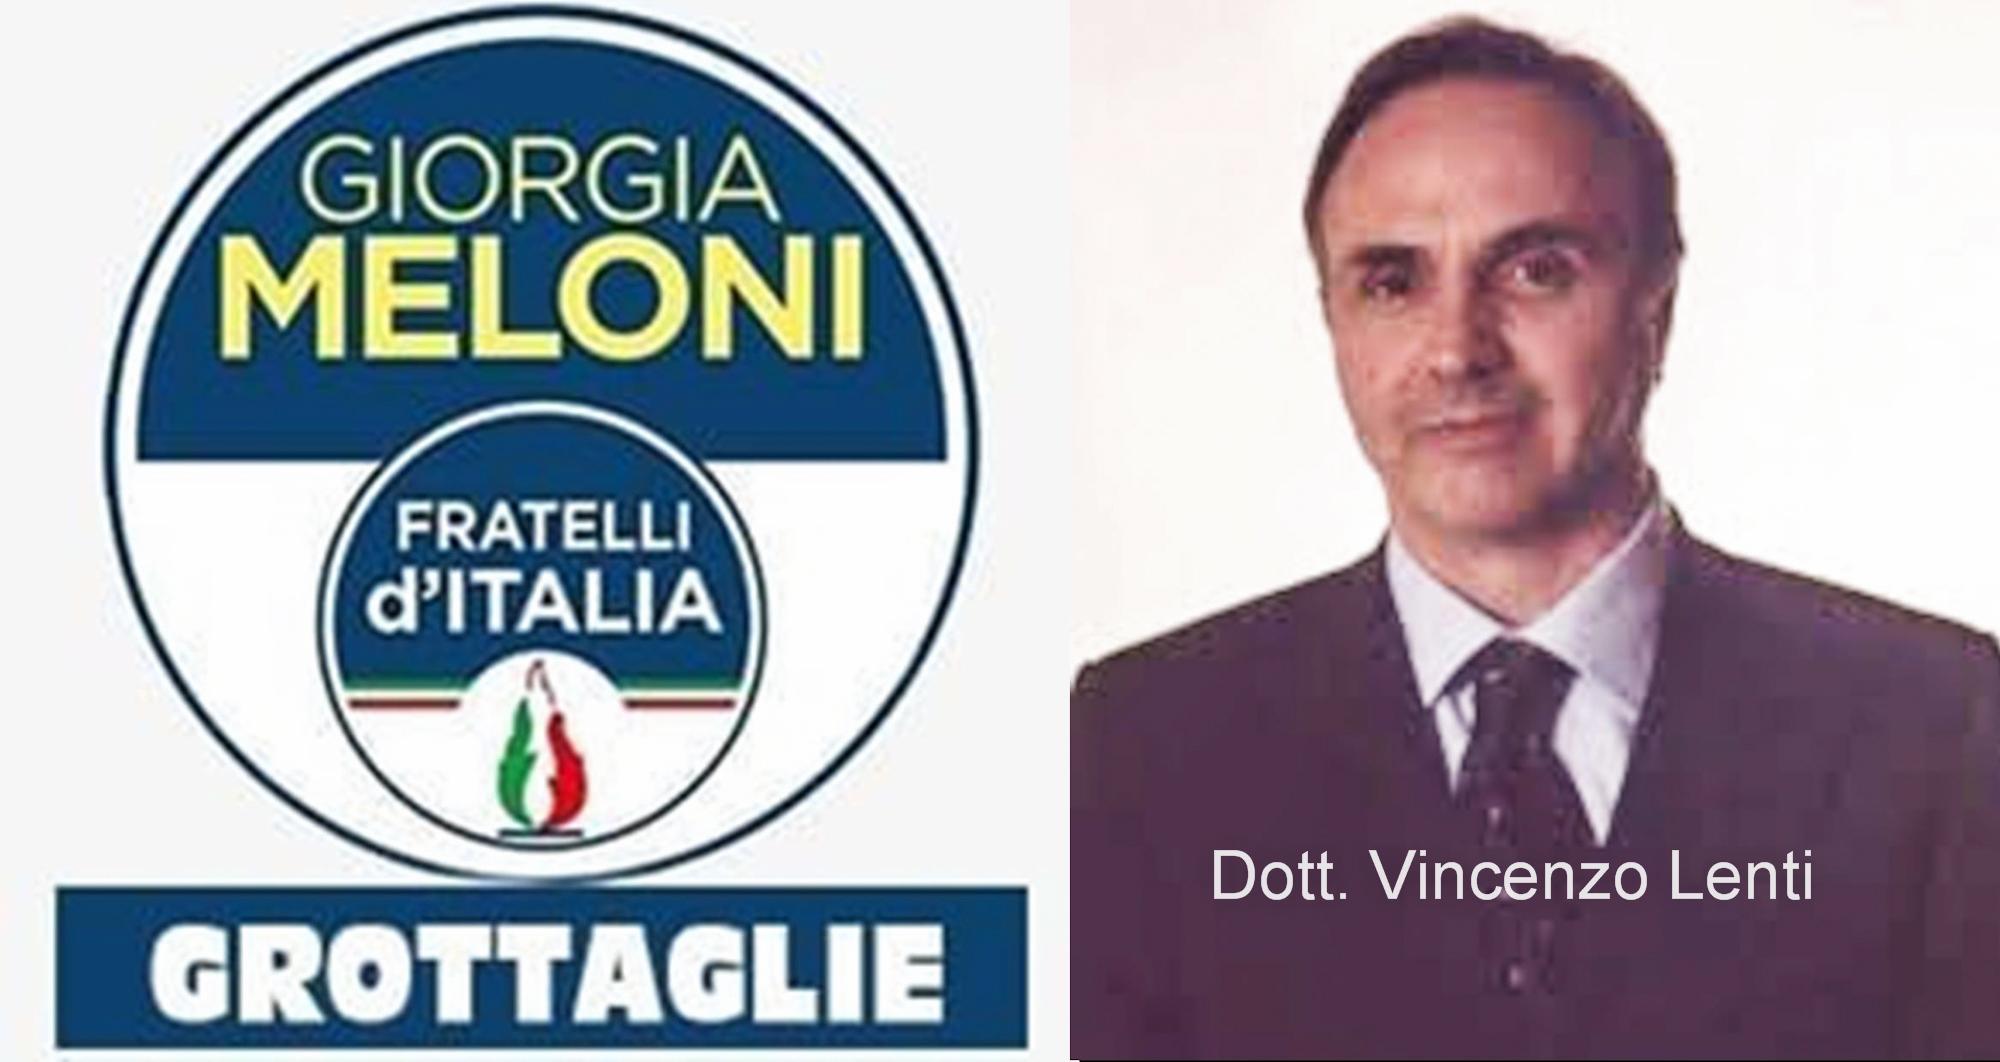 GIORGIA MELONI IN PUGLIA – A MANDURIA L'INCONTRO CON I RAPPRESENTANTI DI FRATELLI D'ITALIA DELLA PROVINCIA DI TARANTO –